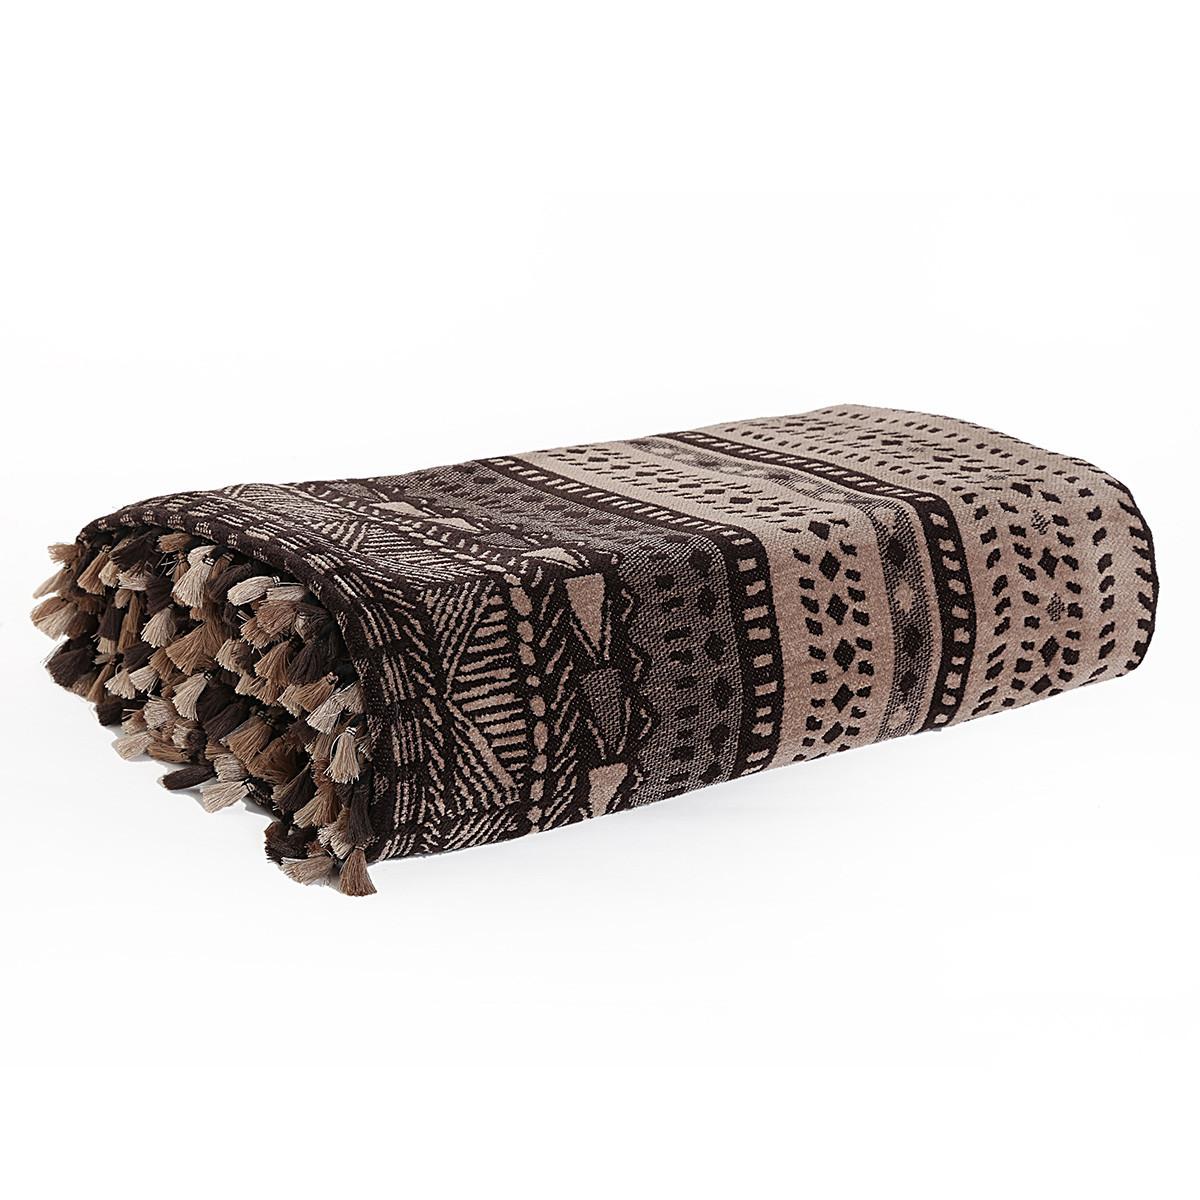 Διακοσμητικό Ριχτάρι (130x170) Nef-Nef Africa Beige/Brown